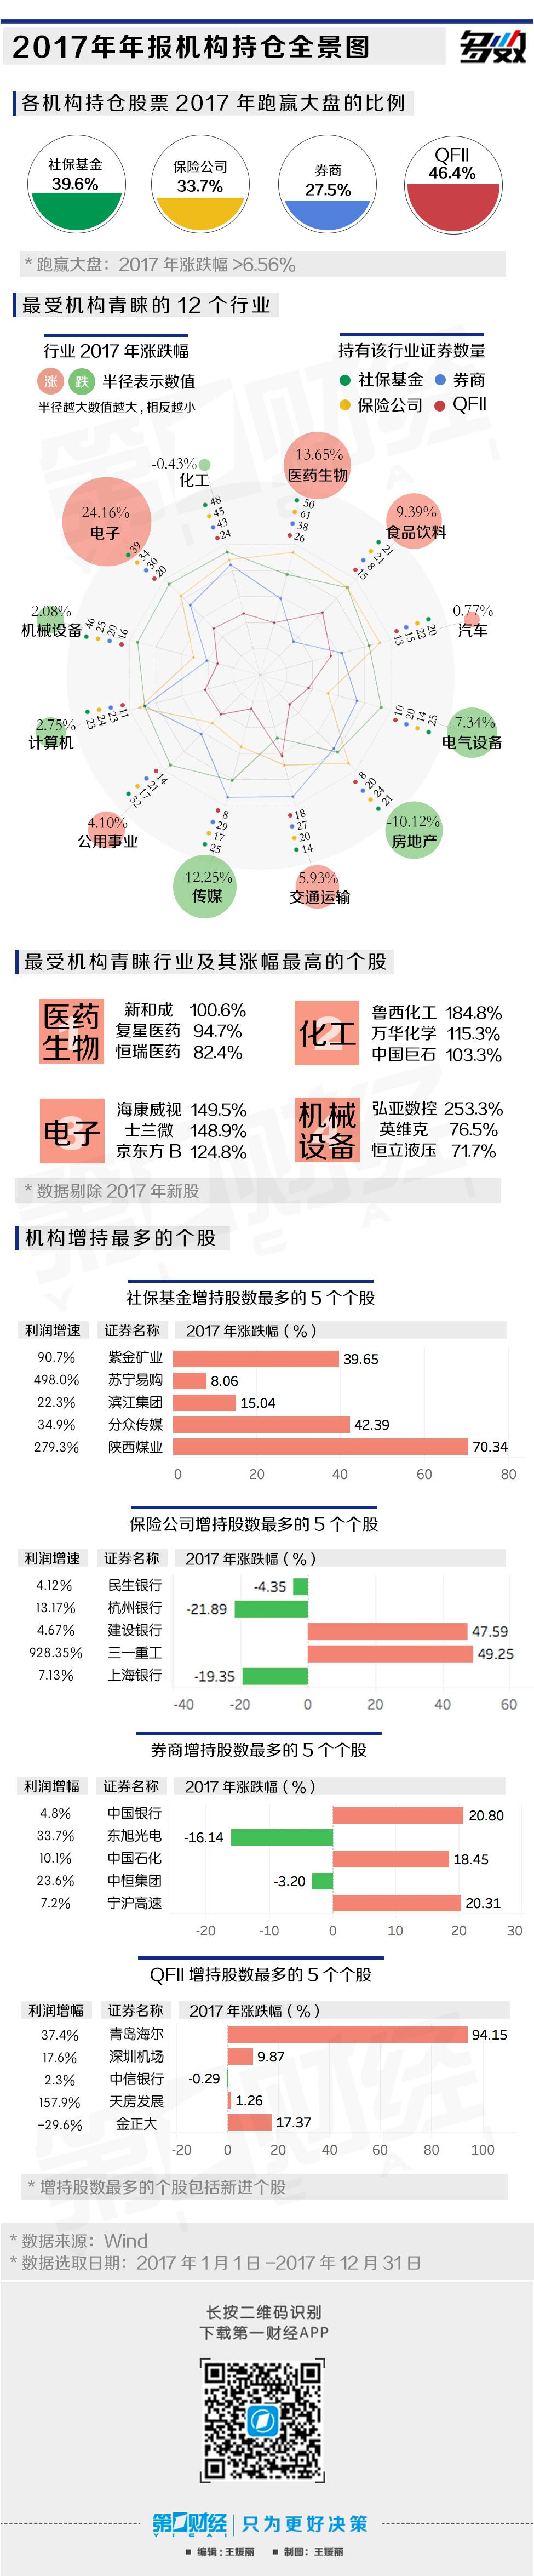 2017年机构持仓全景图,QFII重仓股近半数跑赢大盘